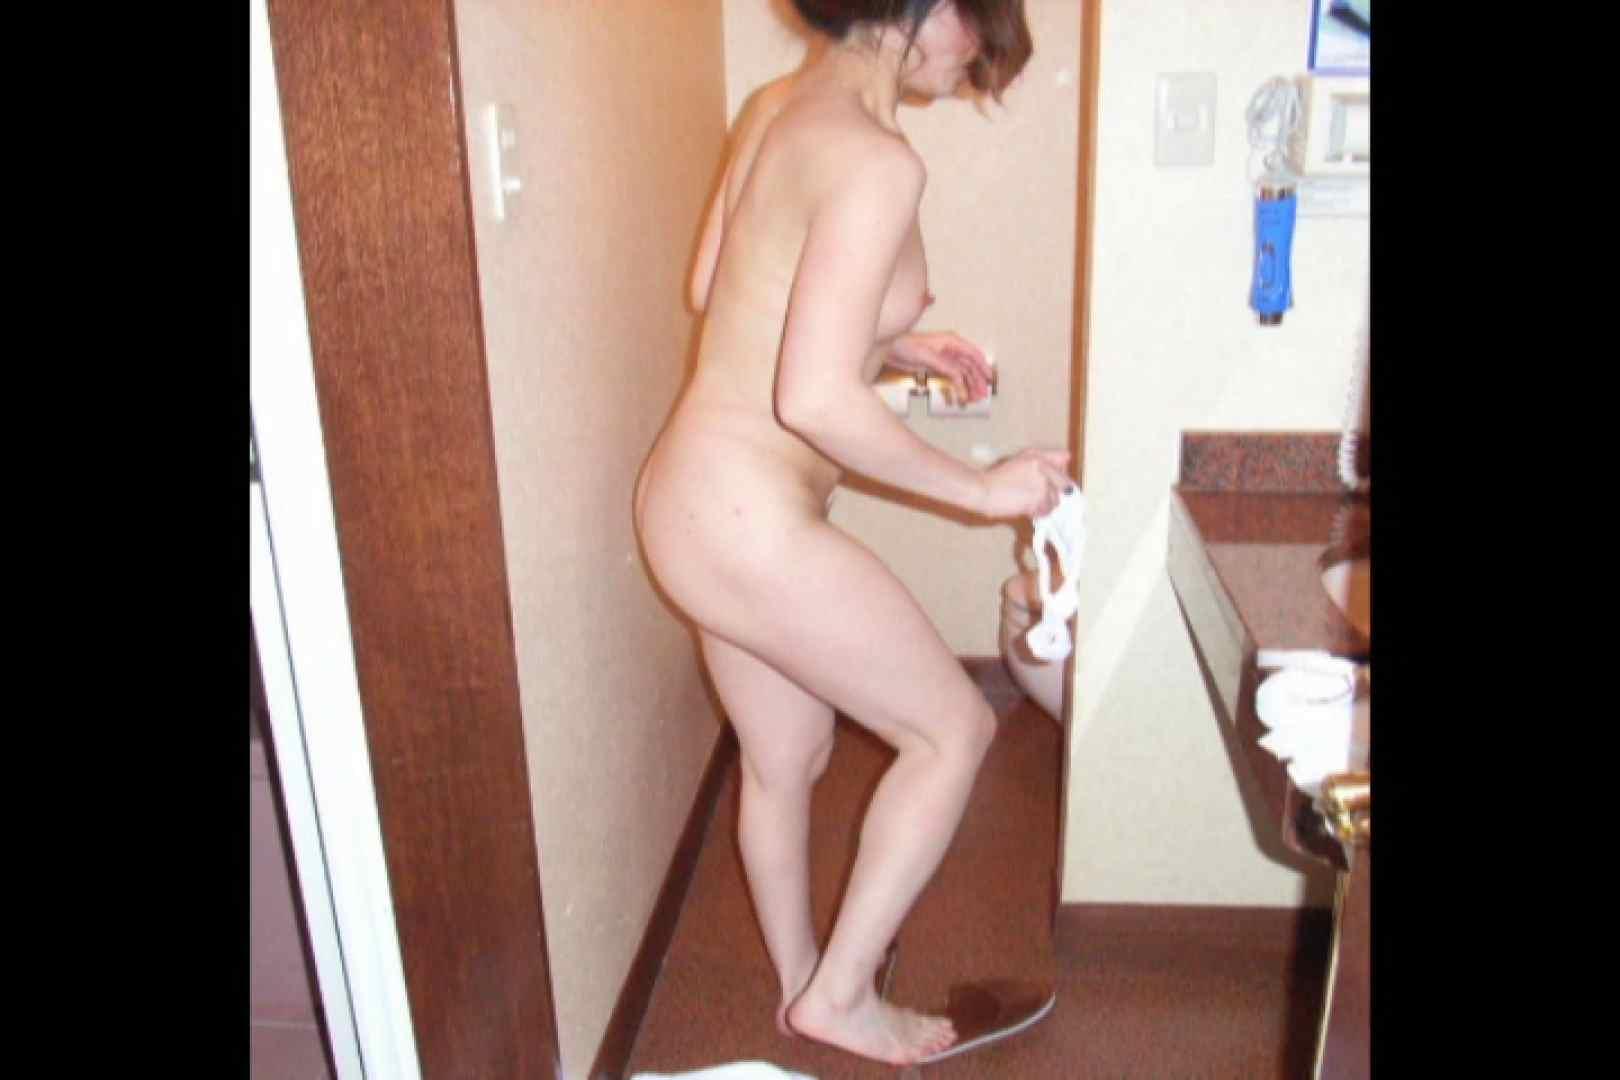 某掲示板に投稿された素人女性たちVOL.9 ホテル  94PIX 18